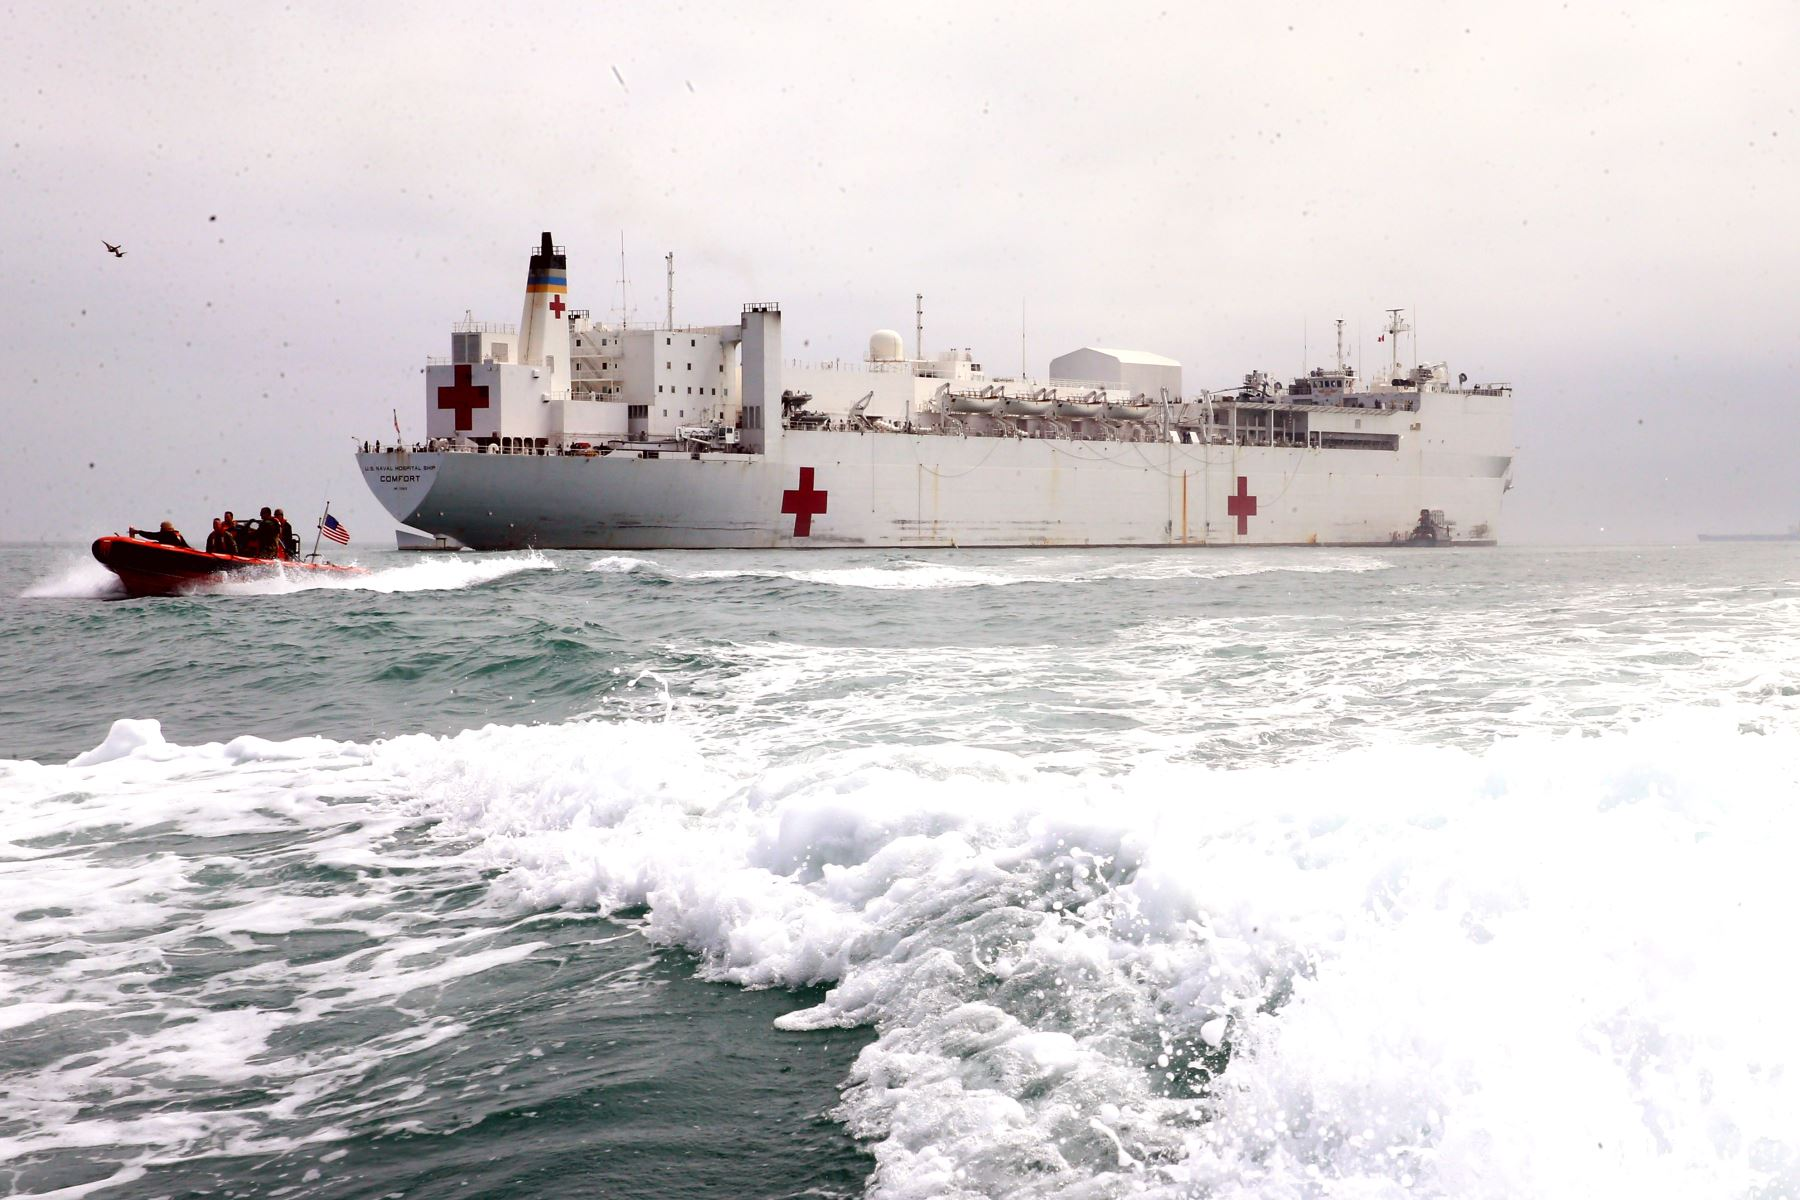 Médicos de la Armada de los EEUU, llegan al Puerto del Callao para brindar ayuda en temas de salud para los menos favorecidos. Foto: ANDINA/Vidal Tarqui